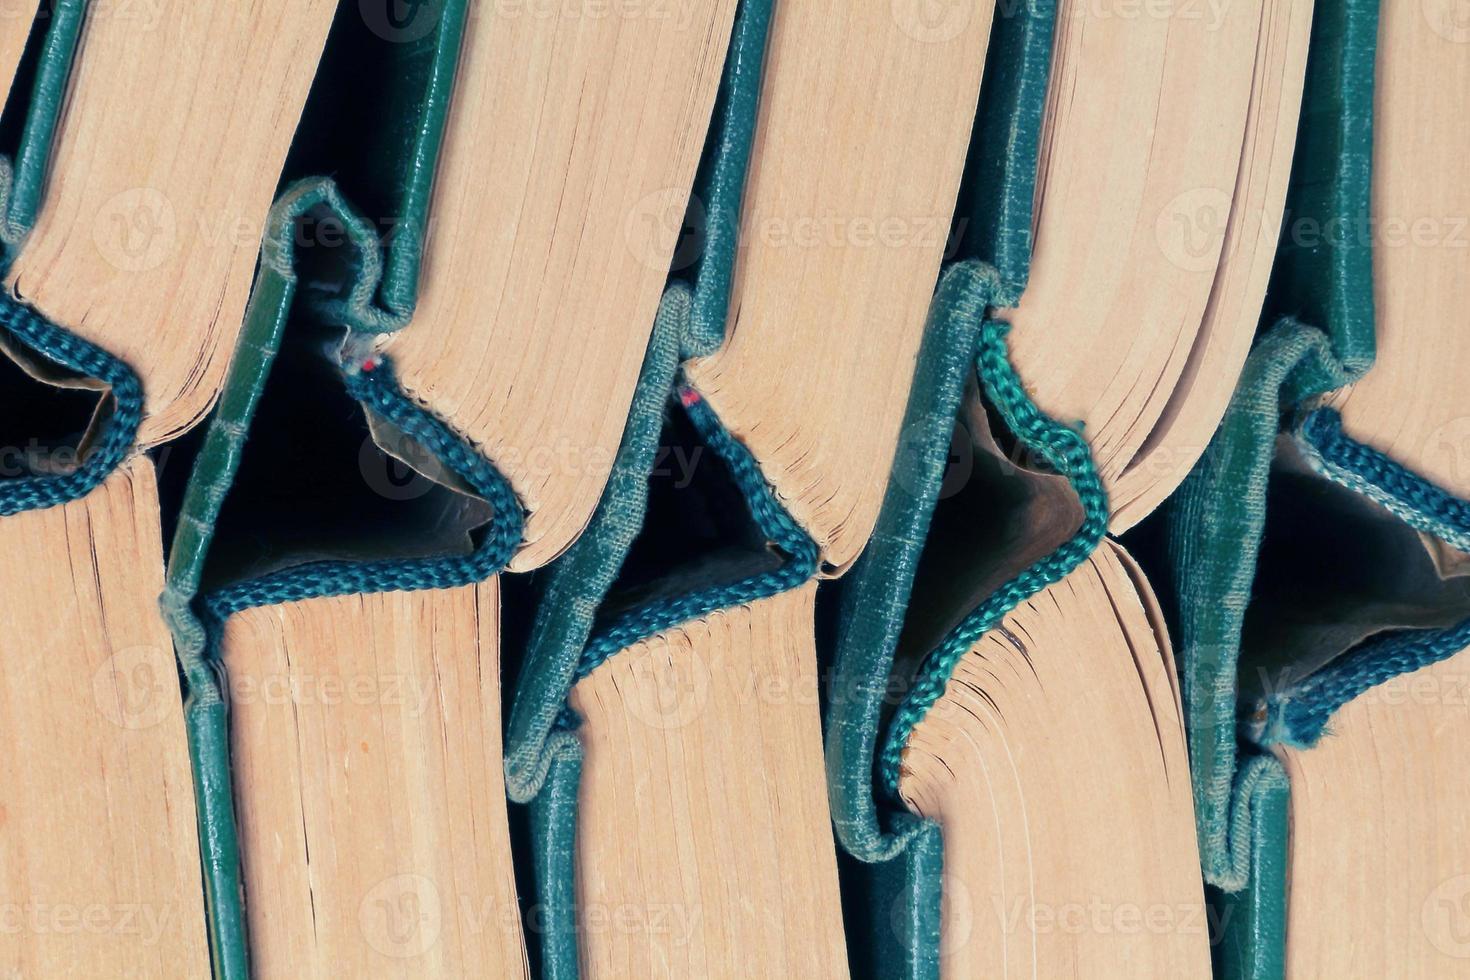 empiler de vieux livres à couverture rigide photo